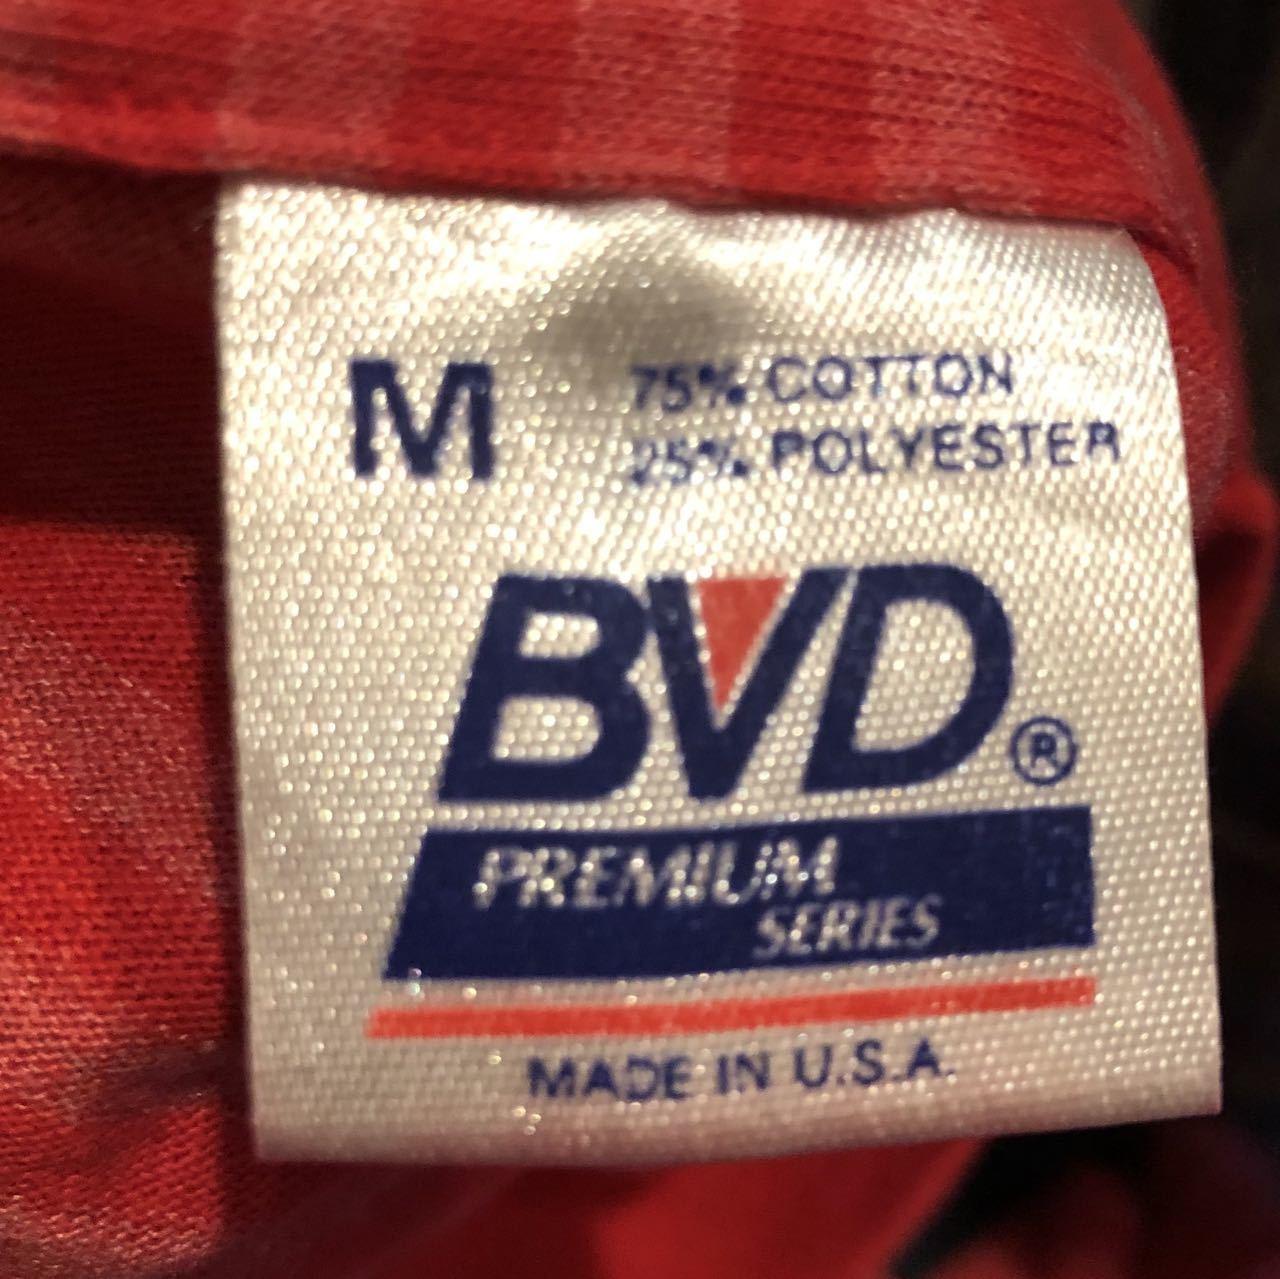 90s〜MADE IN U.S.A B.V.D ボーダーTシャツ!_c0144020_13044080.jpg